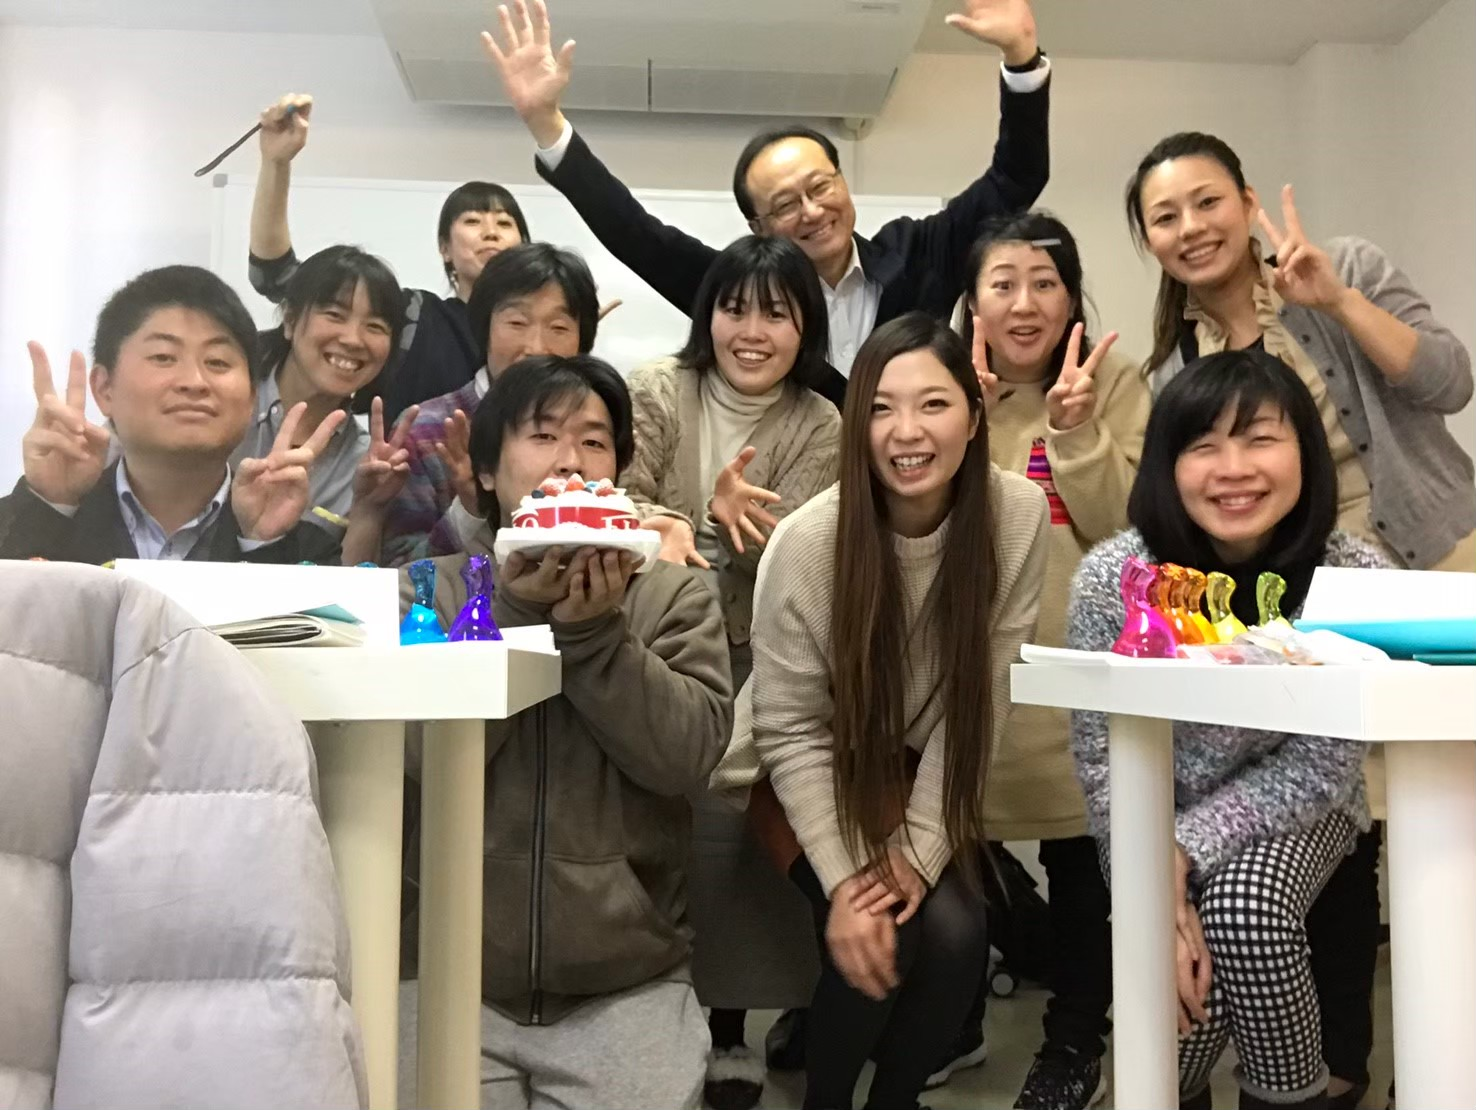 2019.1.26〜27 200229 0062 - ピーチスノウで学ぶ色彩人間学